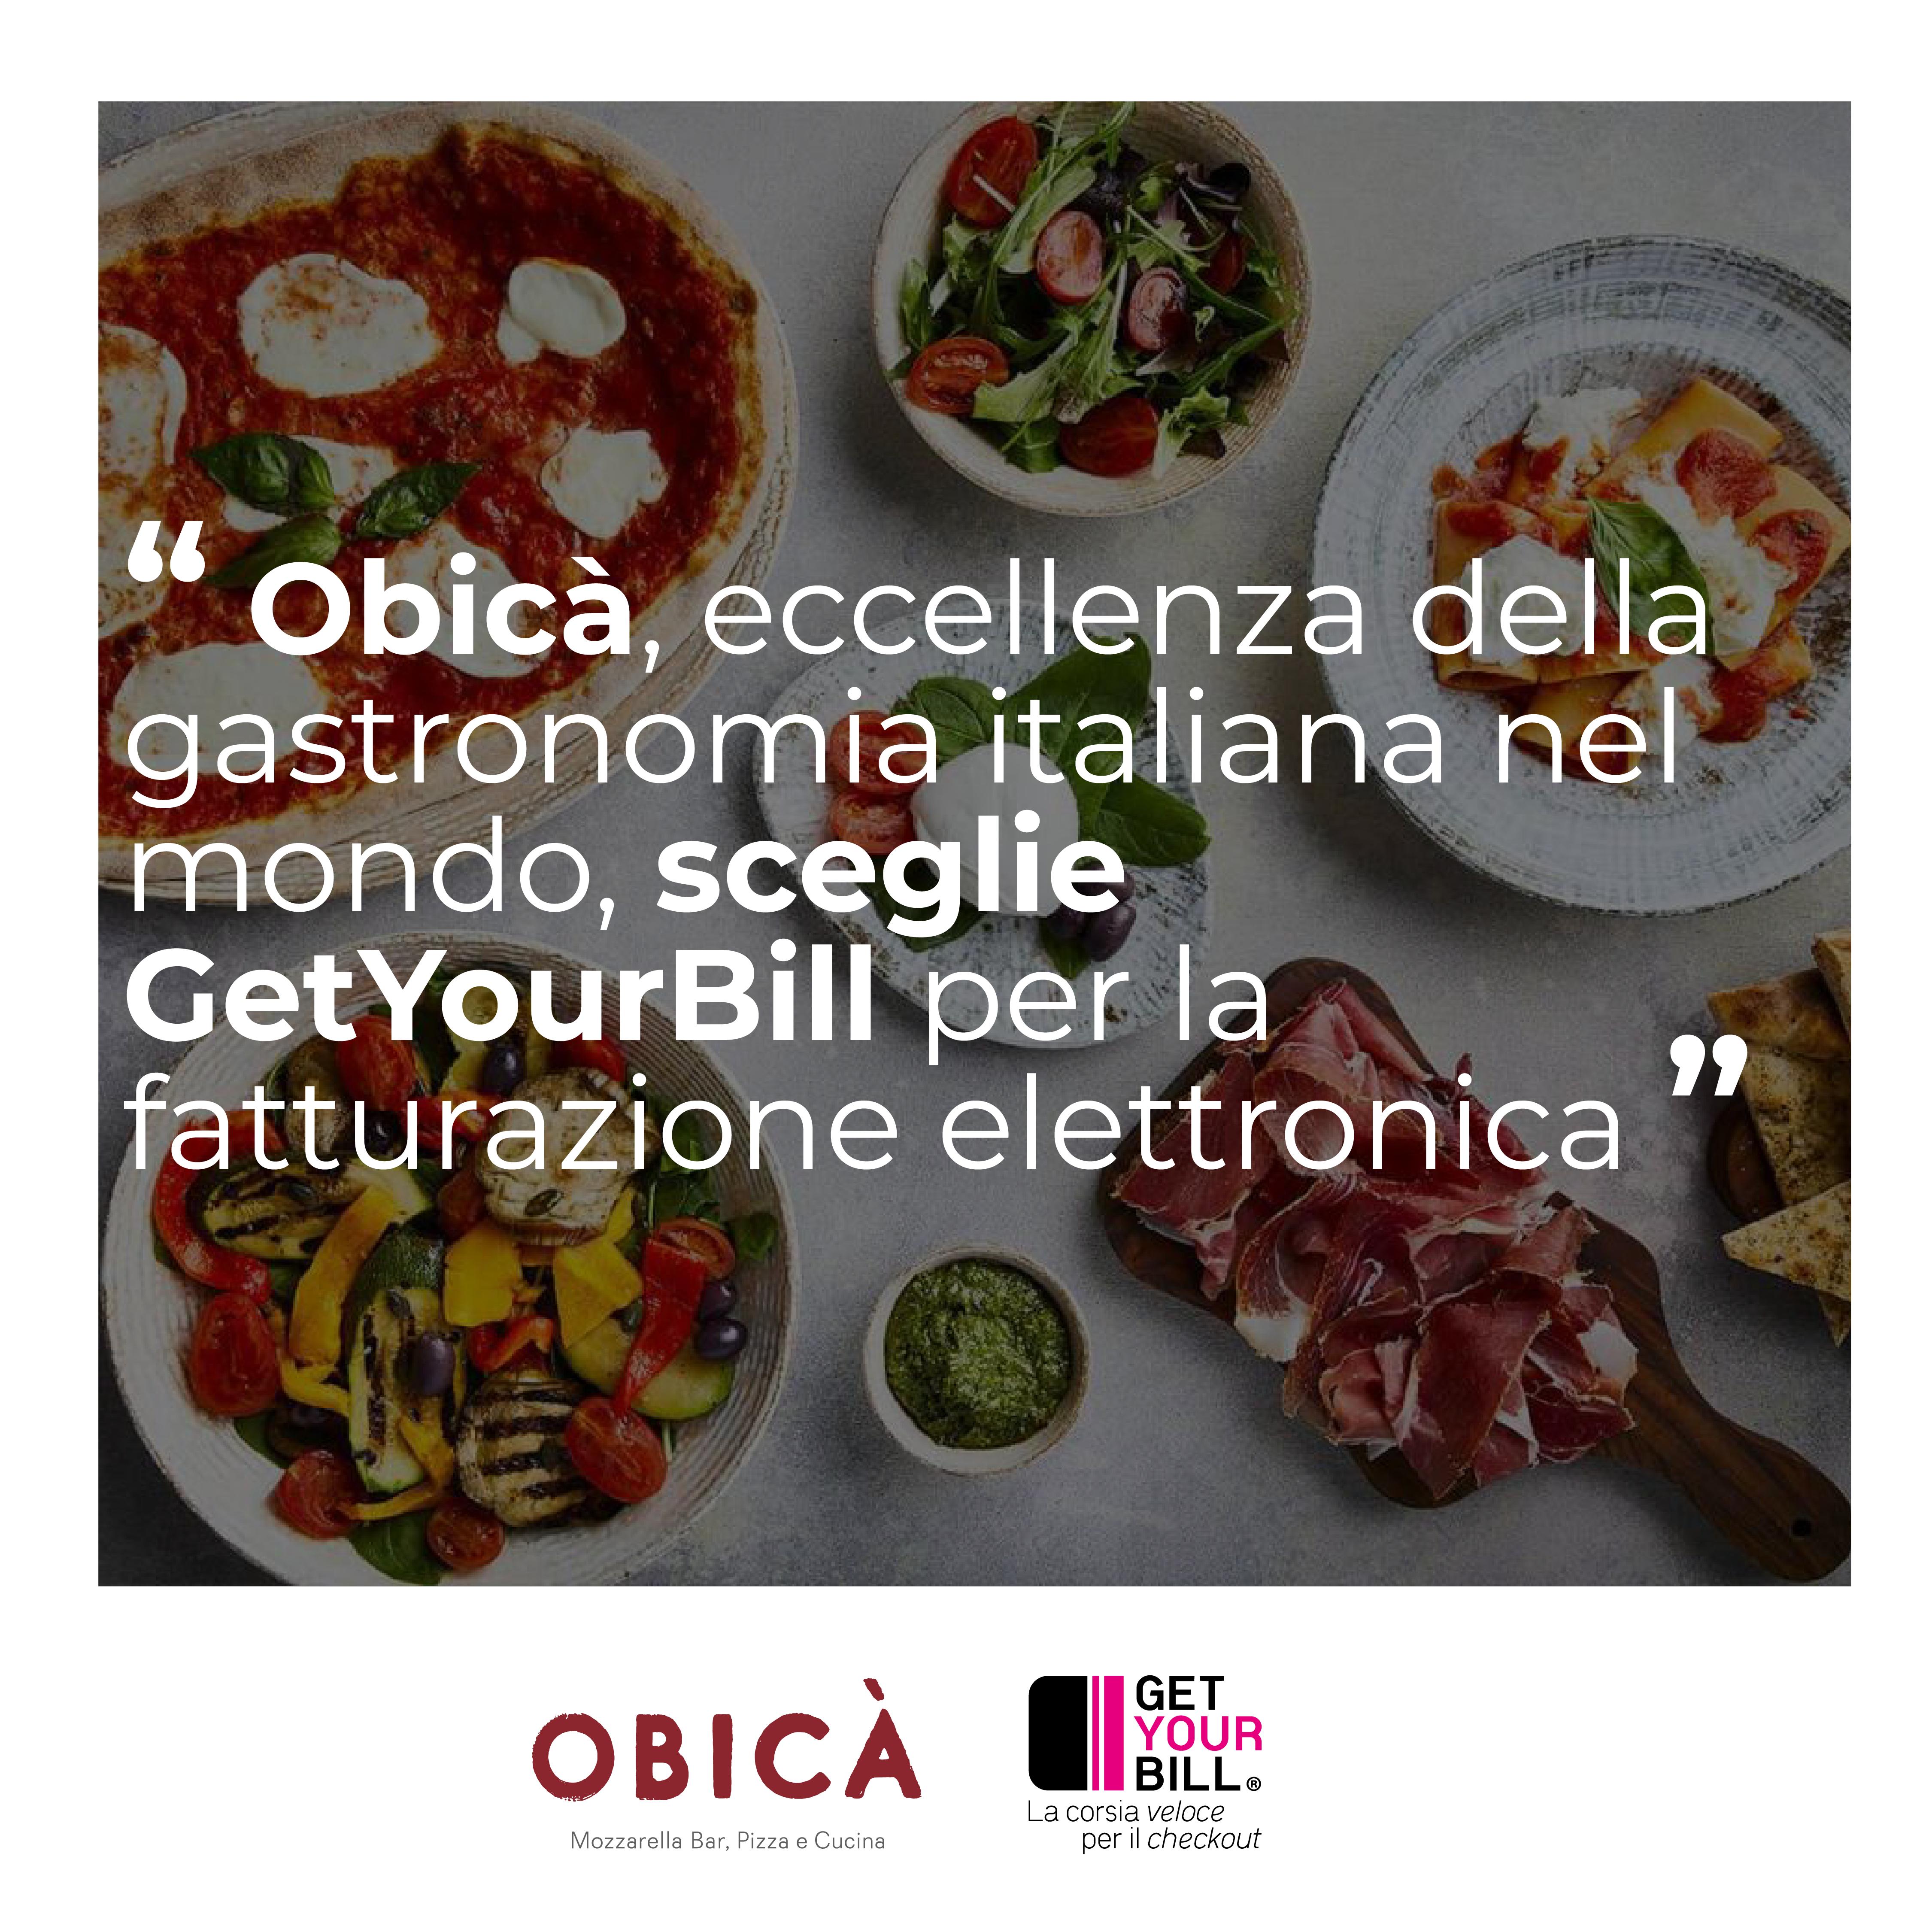 Post di Instagram sulla collaborazione tra Obicà e GetYourBill